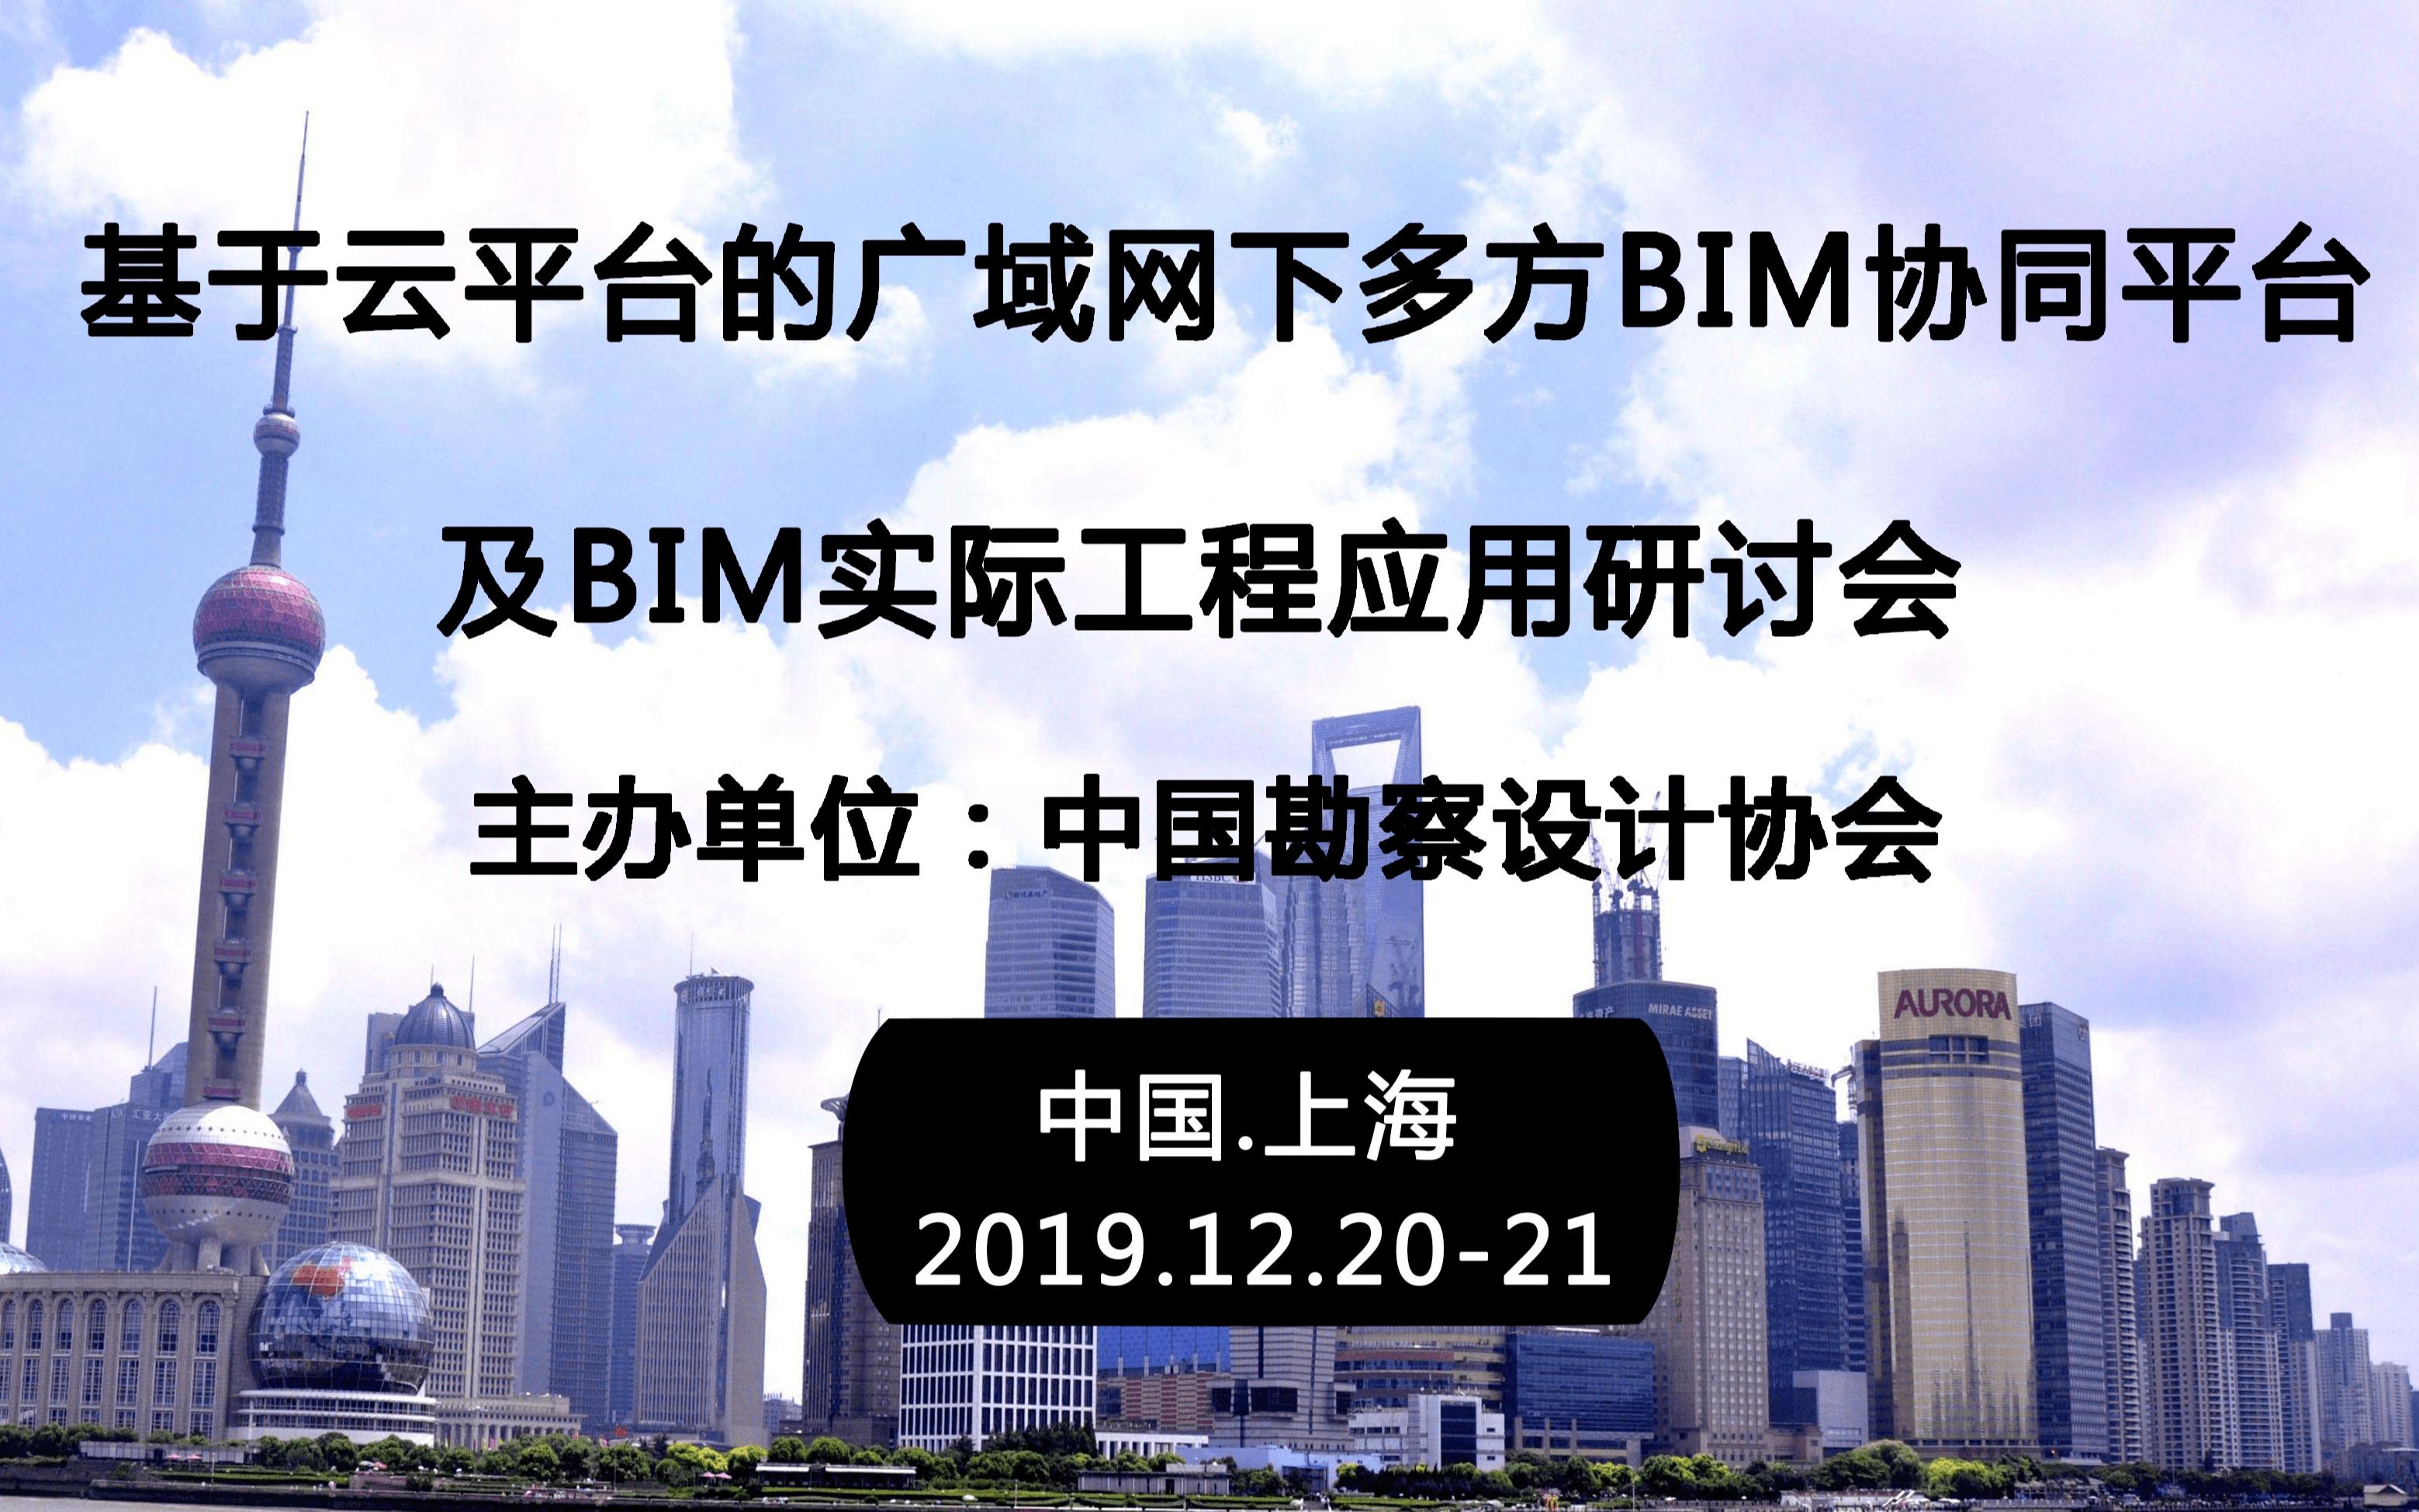 2019基于云平臺的廣域網下多方BIM協同平臺及BIM實際工程應用研討會